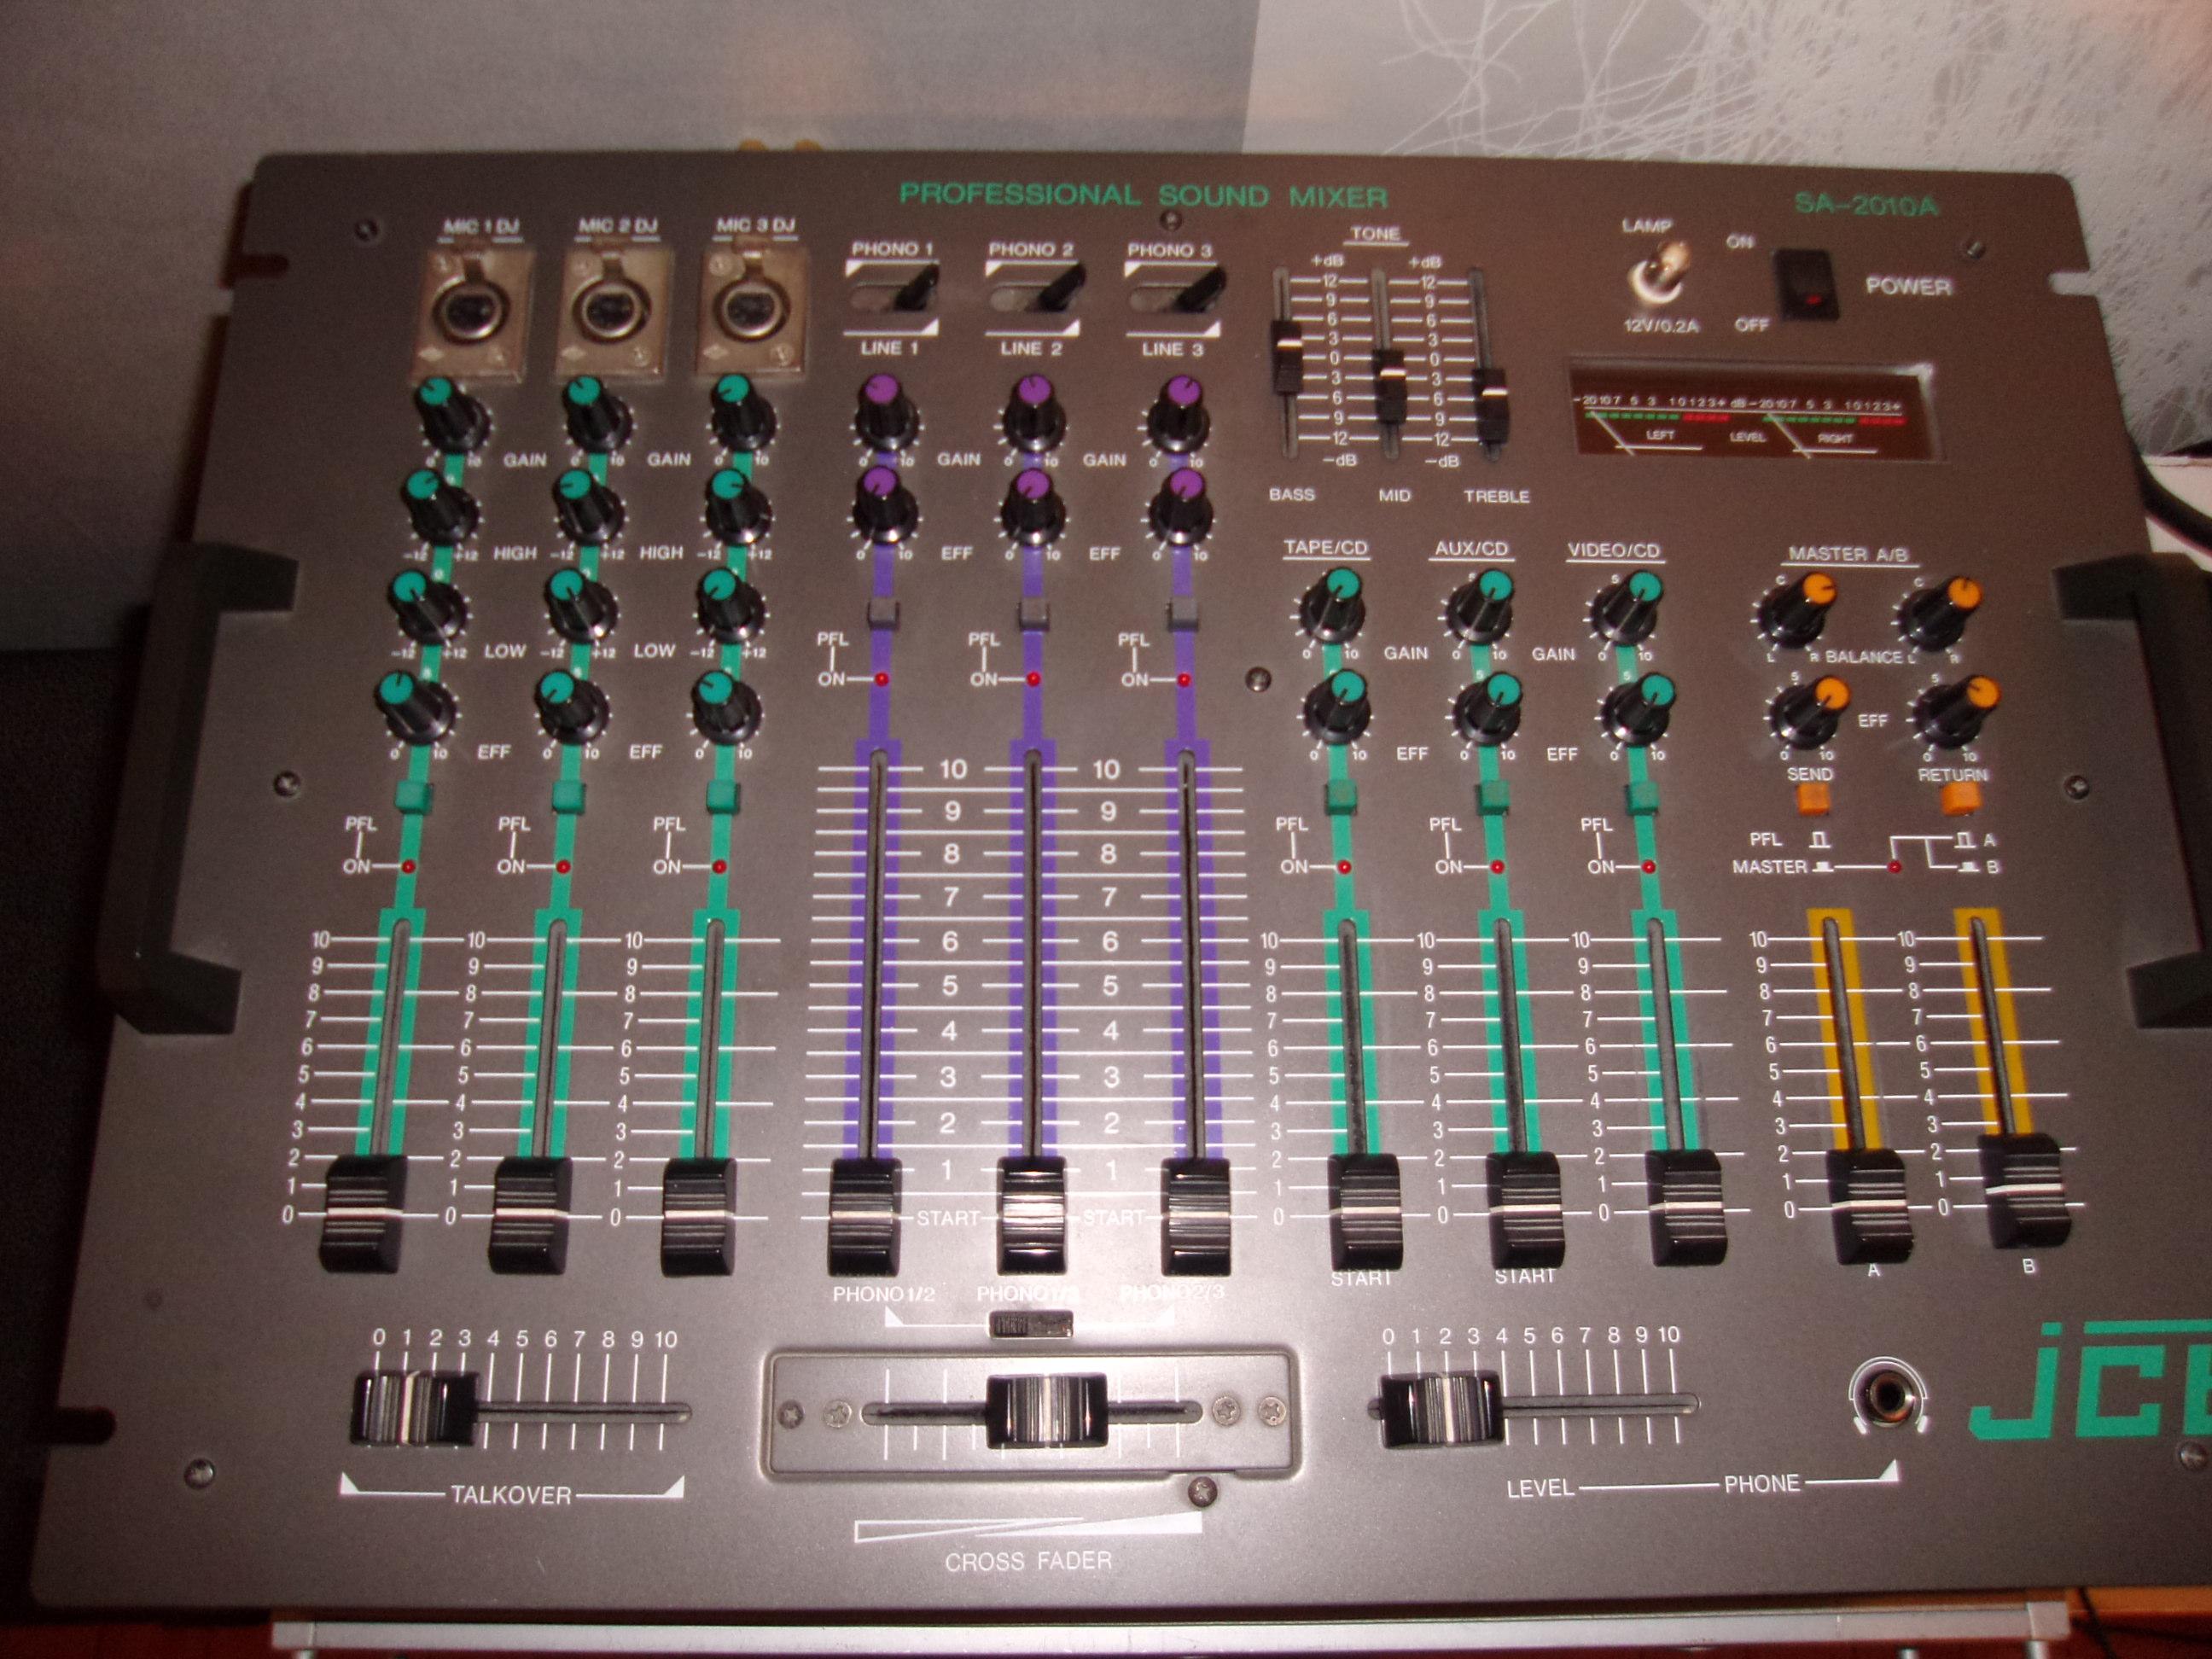 Photo jcb sa2010a jcb sa2010a 97479 752942 - Table de mixage en ligne gratuit ...